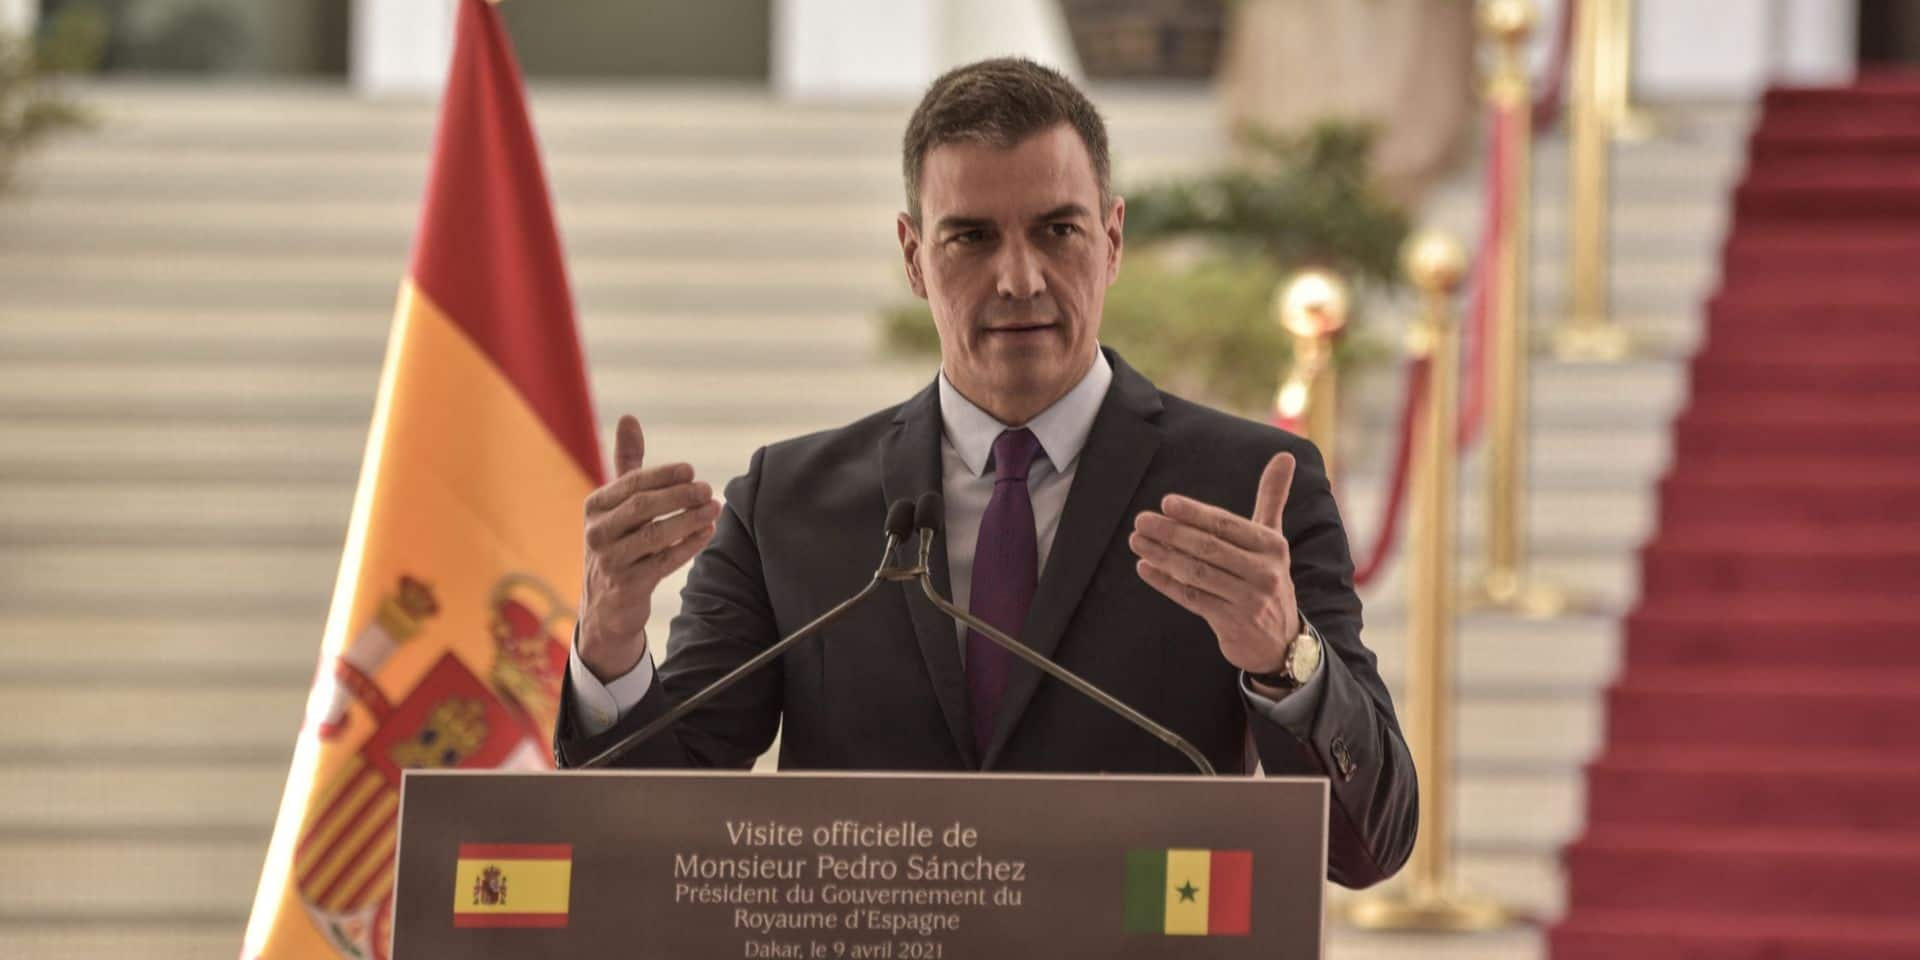 L'Espagne continue avec AstraZeneca et est prête à employer Spoutnik s'il est homologué